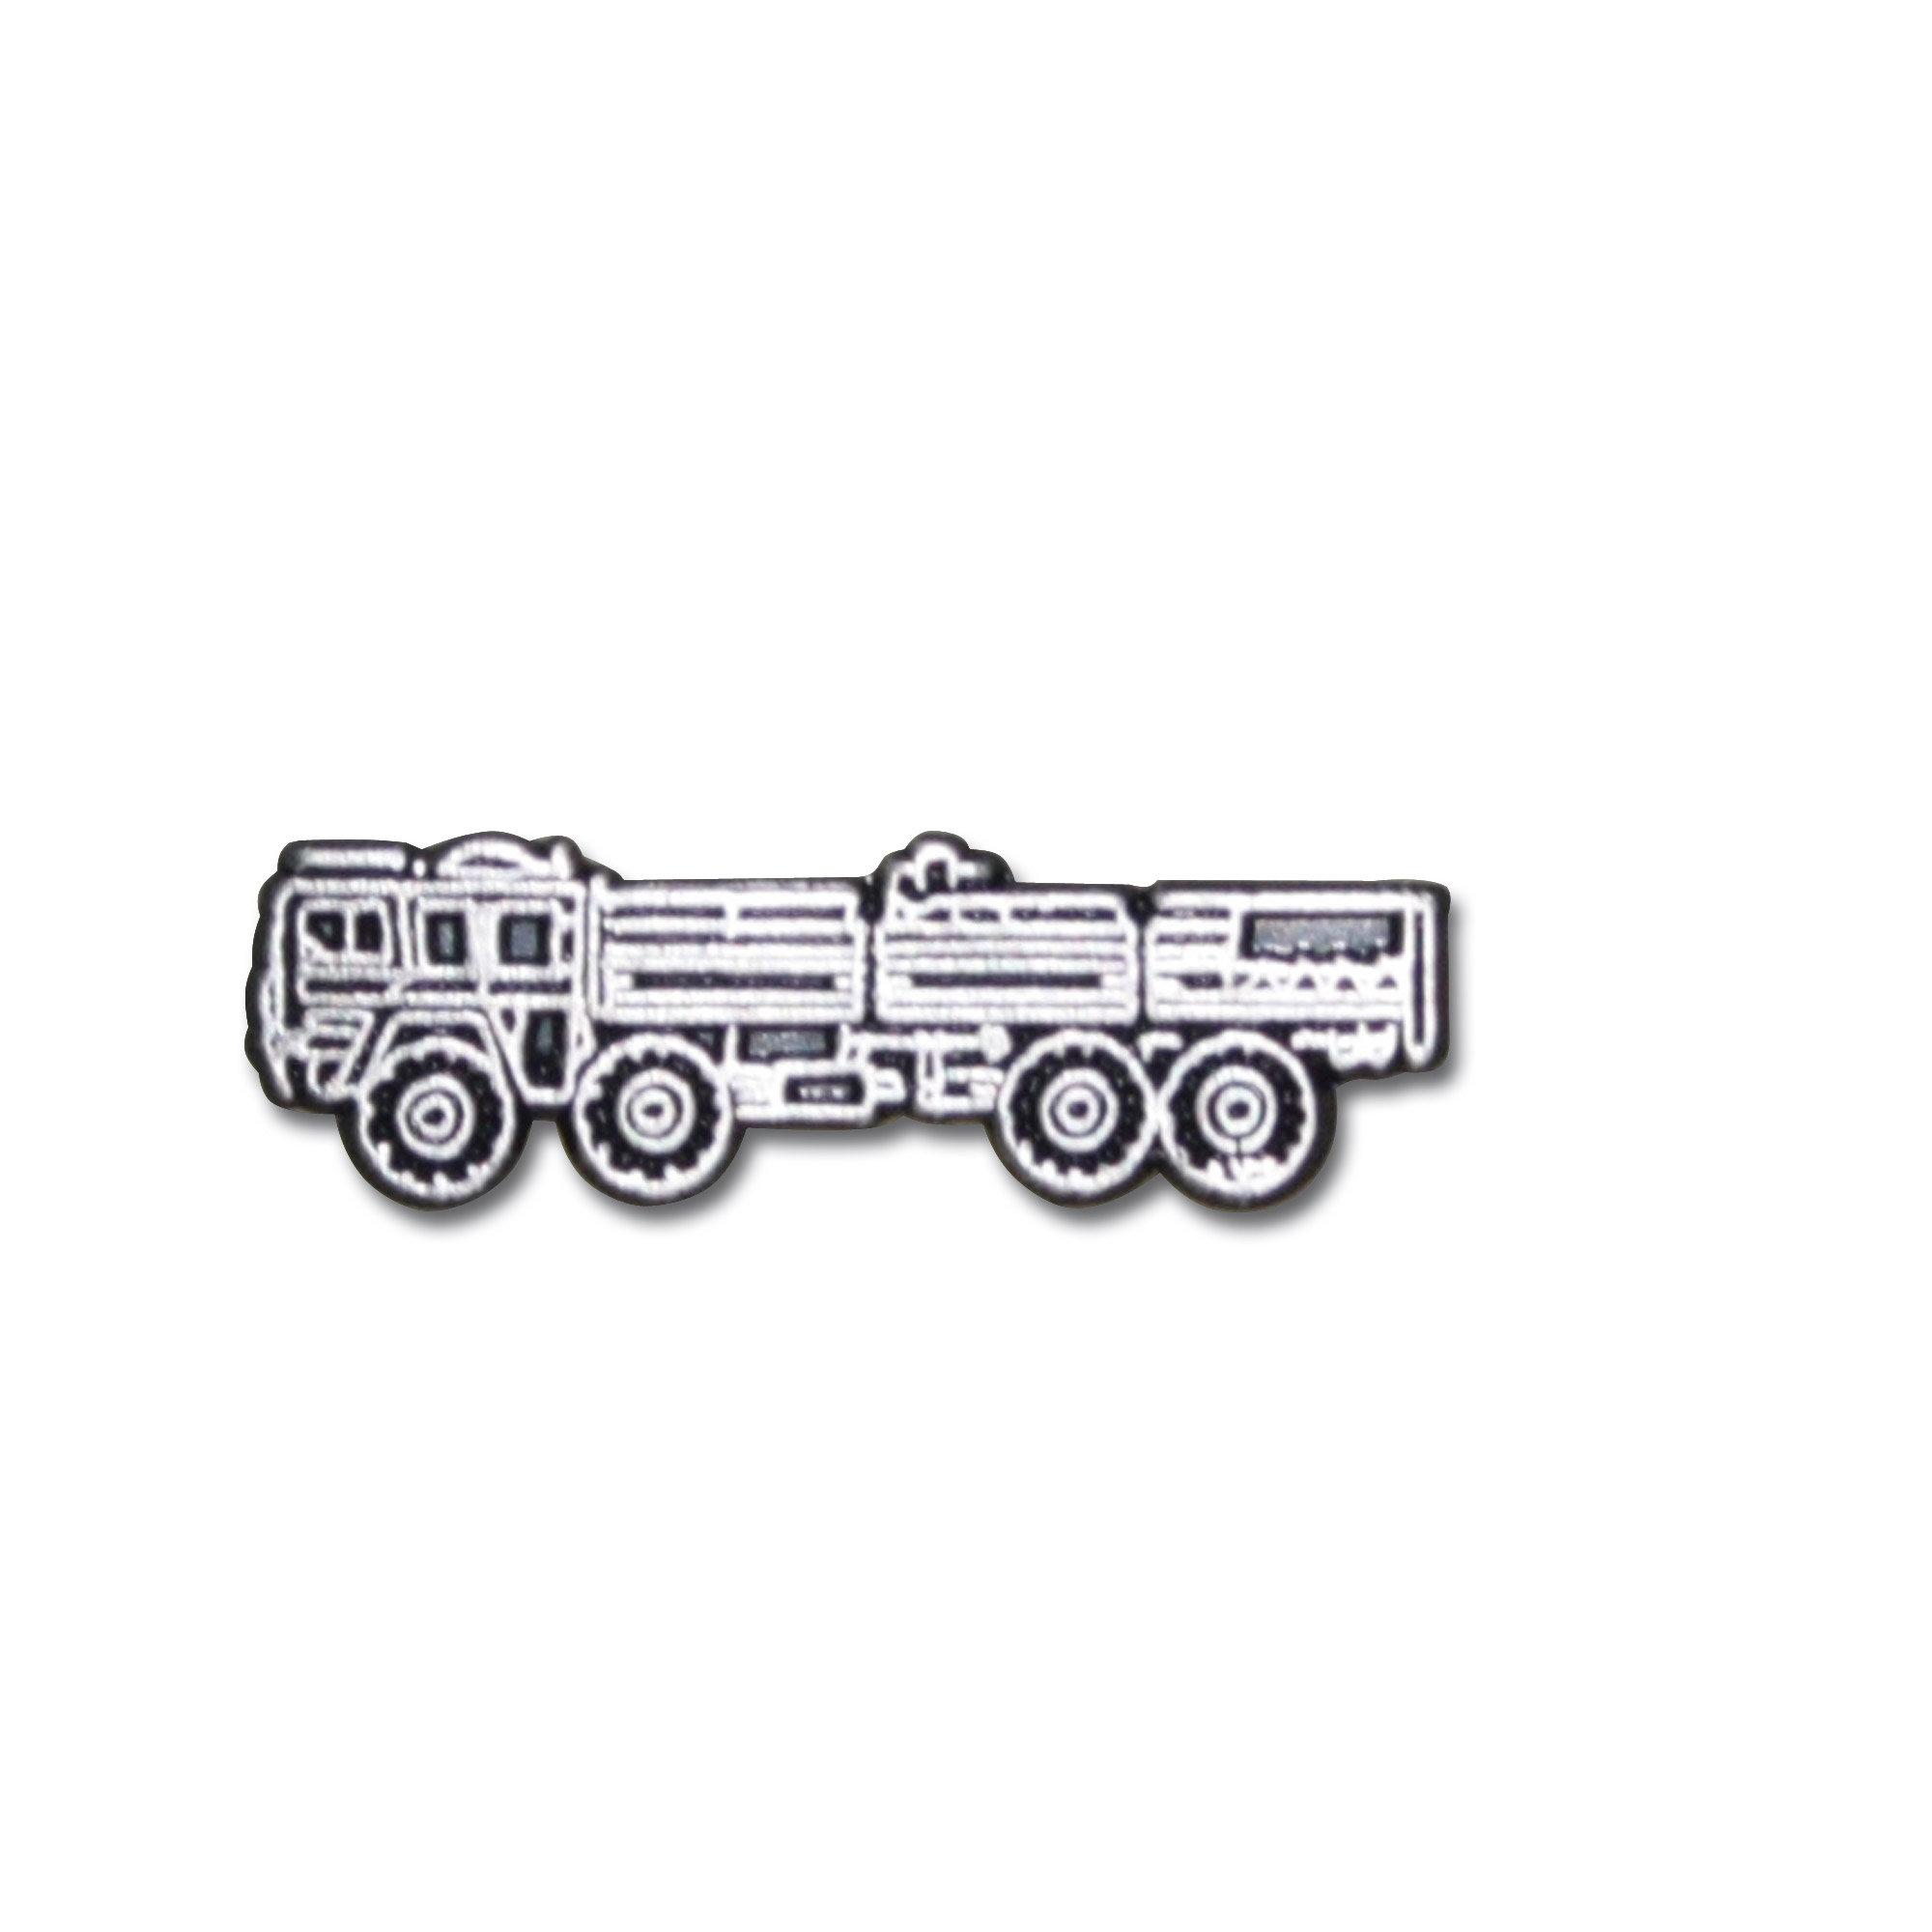 Pin mini metálico camión 10 toneladas